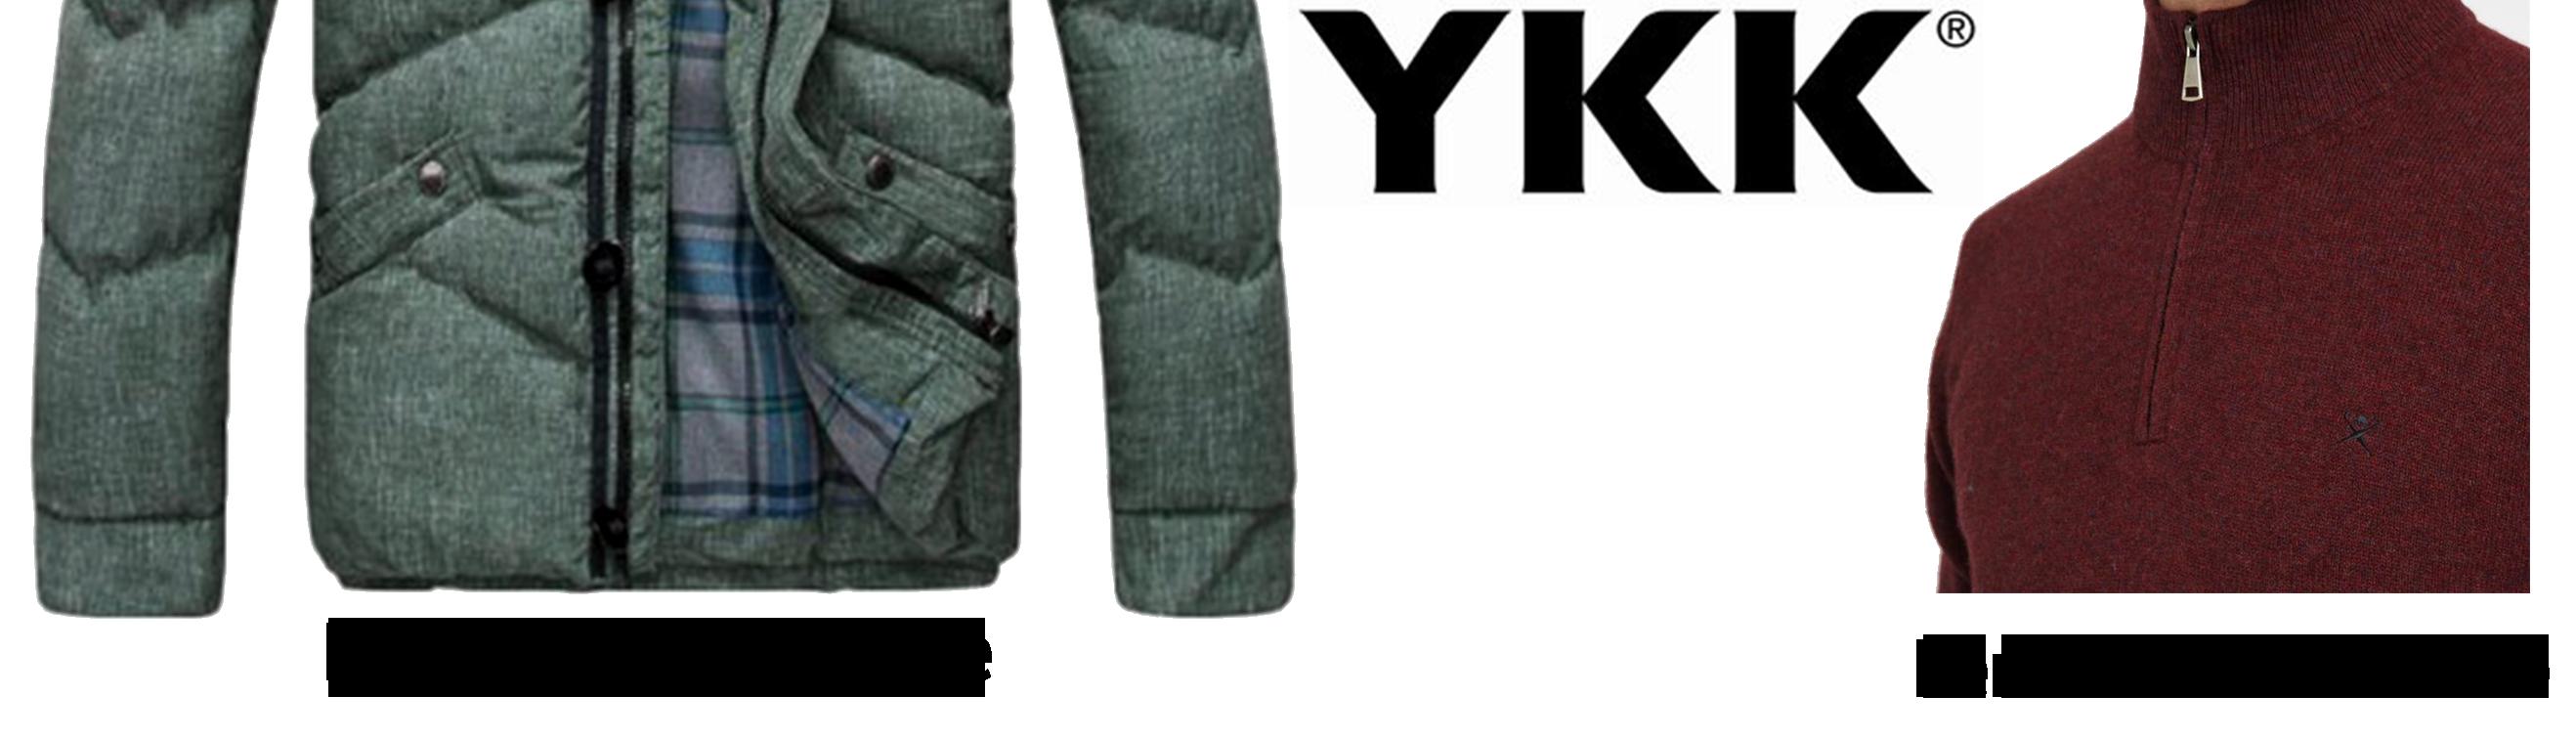 c92b12eae755f Ici vous trouverez tout ce qui est en rapport avec les fermetures YKK ®,  fermeture à glissières, fermeture à spirale, accessoires.